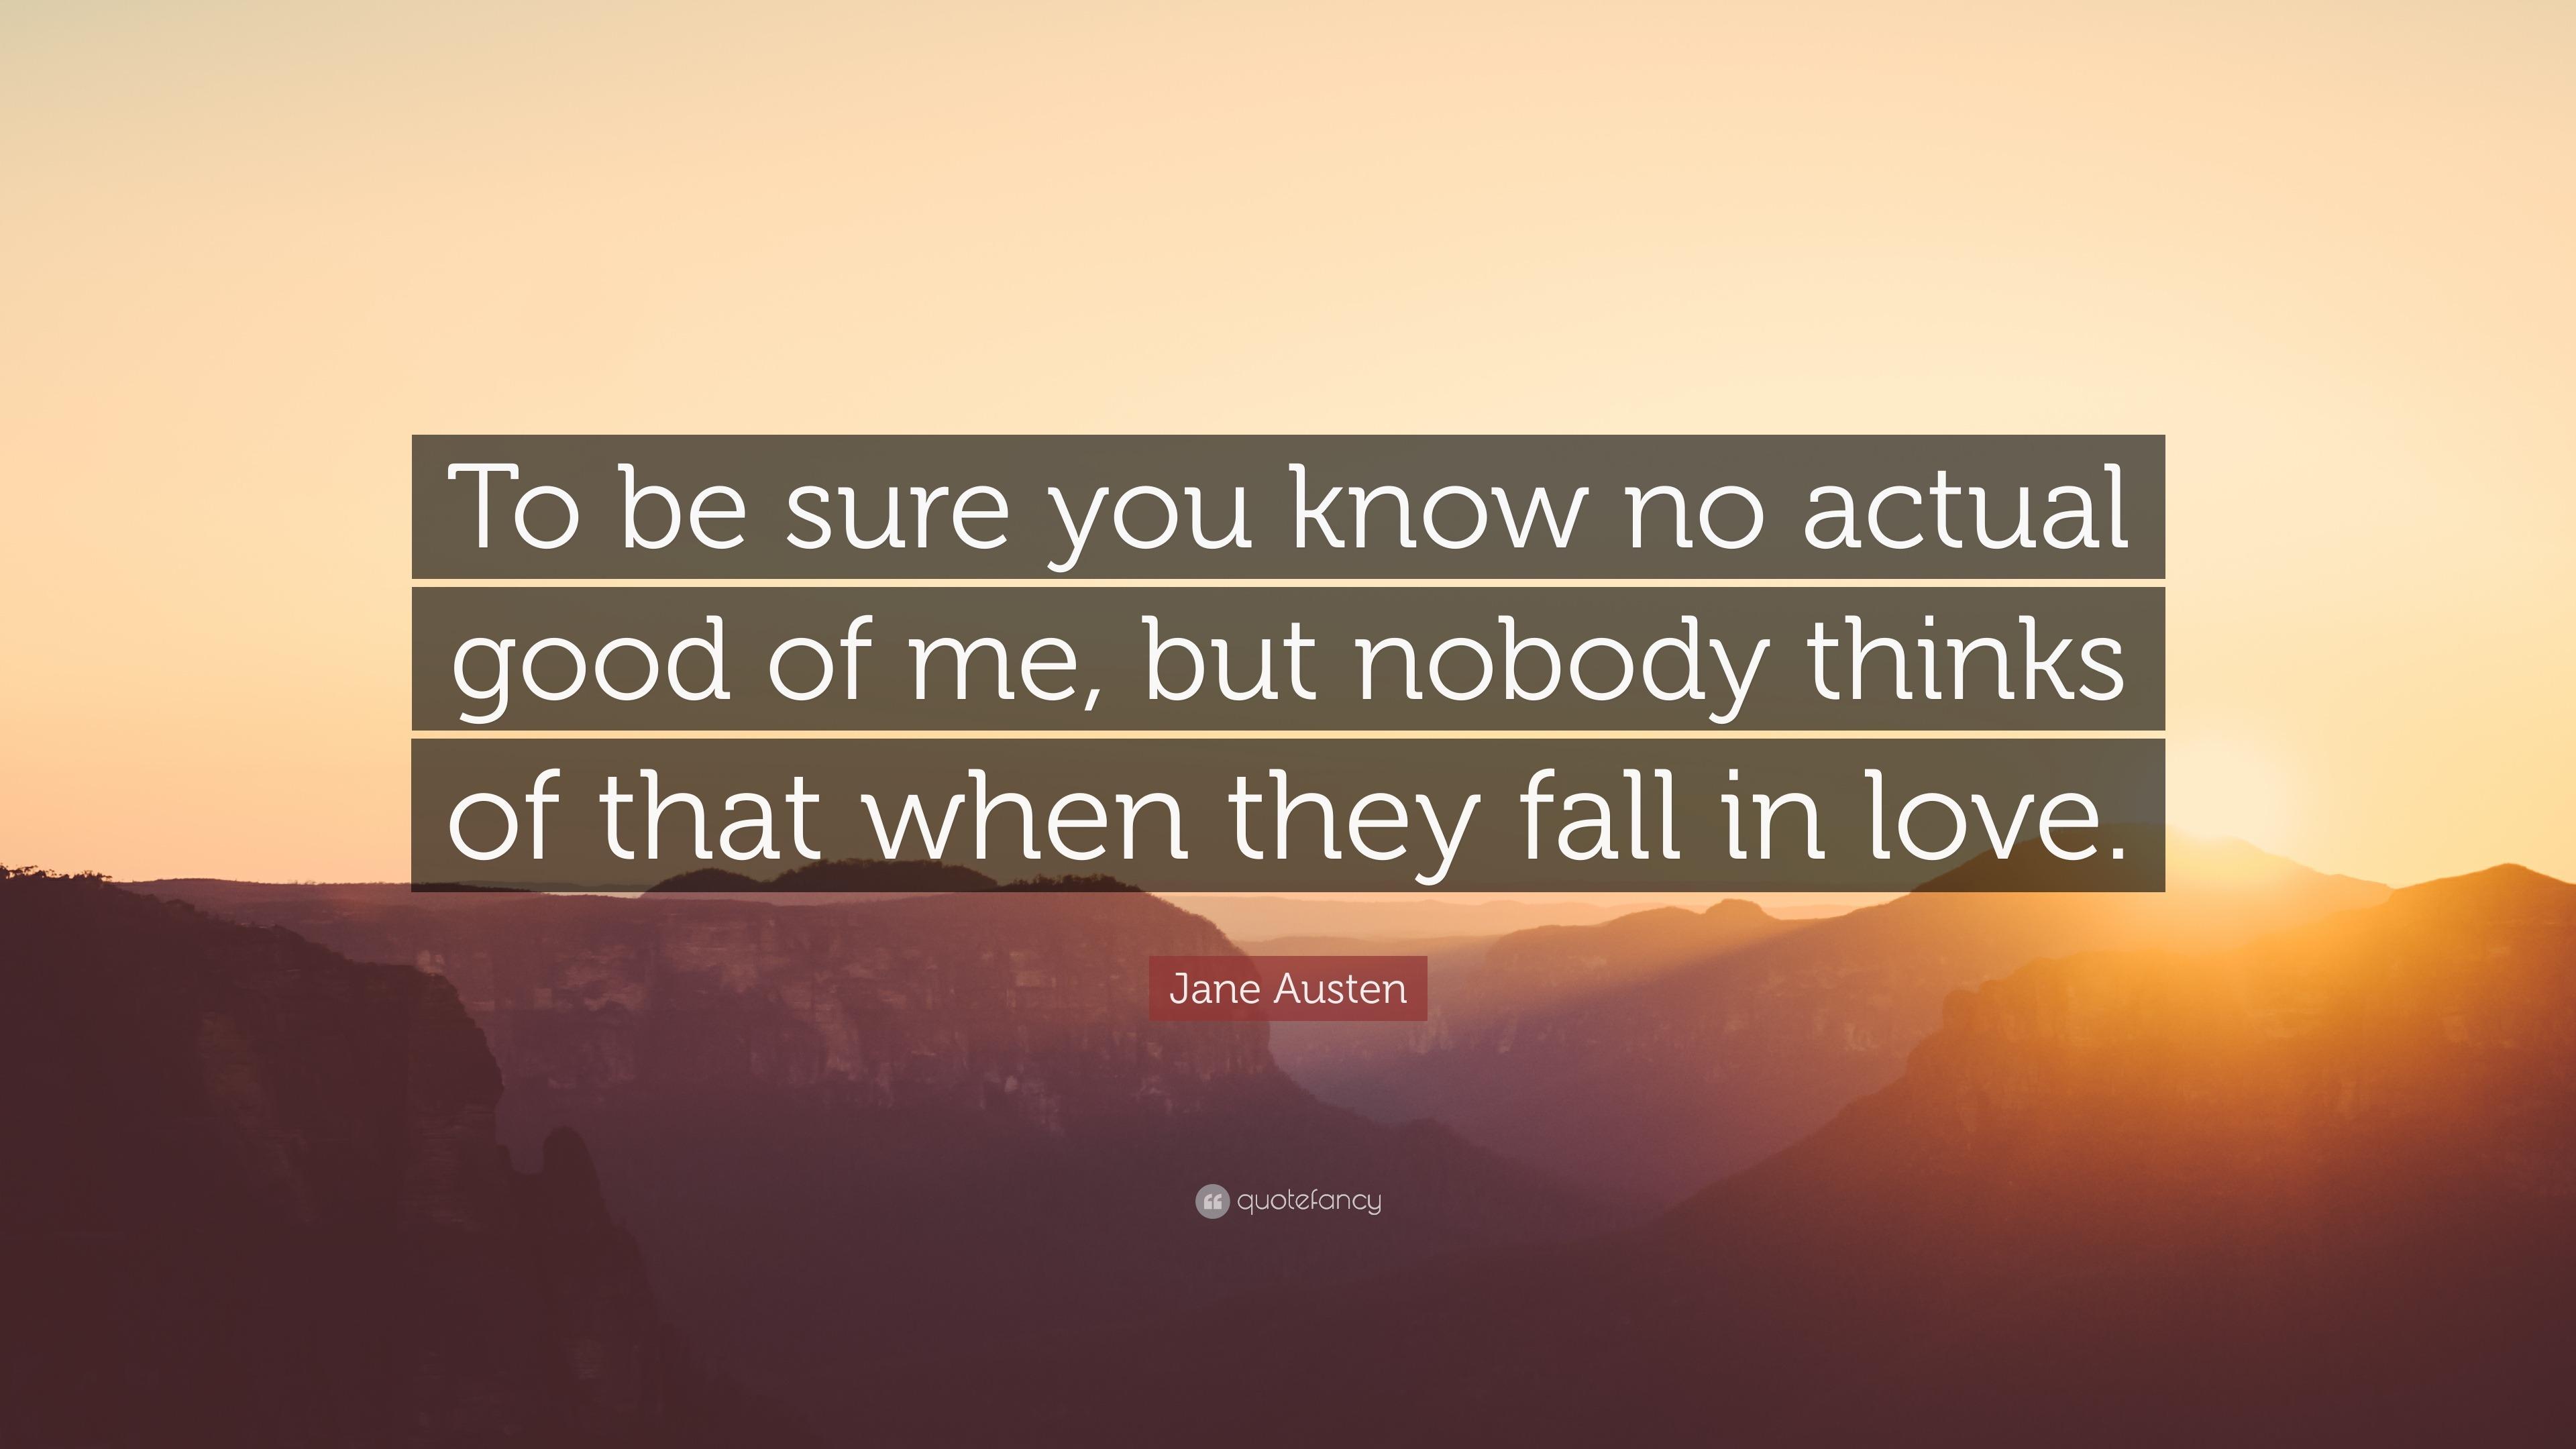 Jane Austen Quotes (100 wallpapers) - Quotefancy